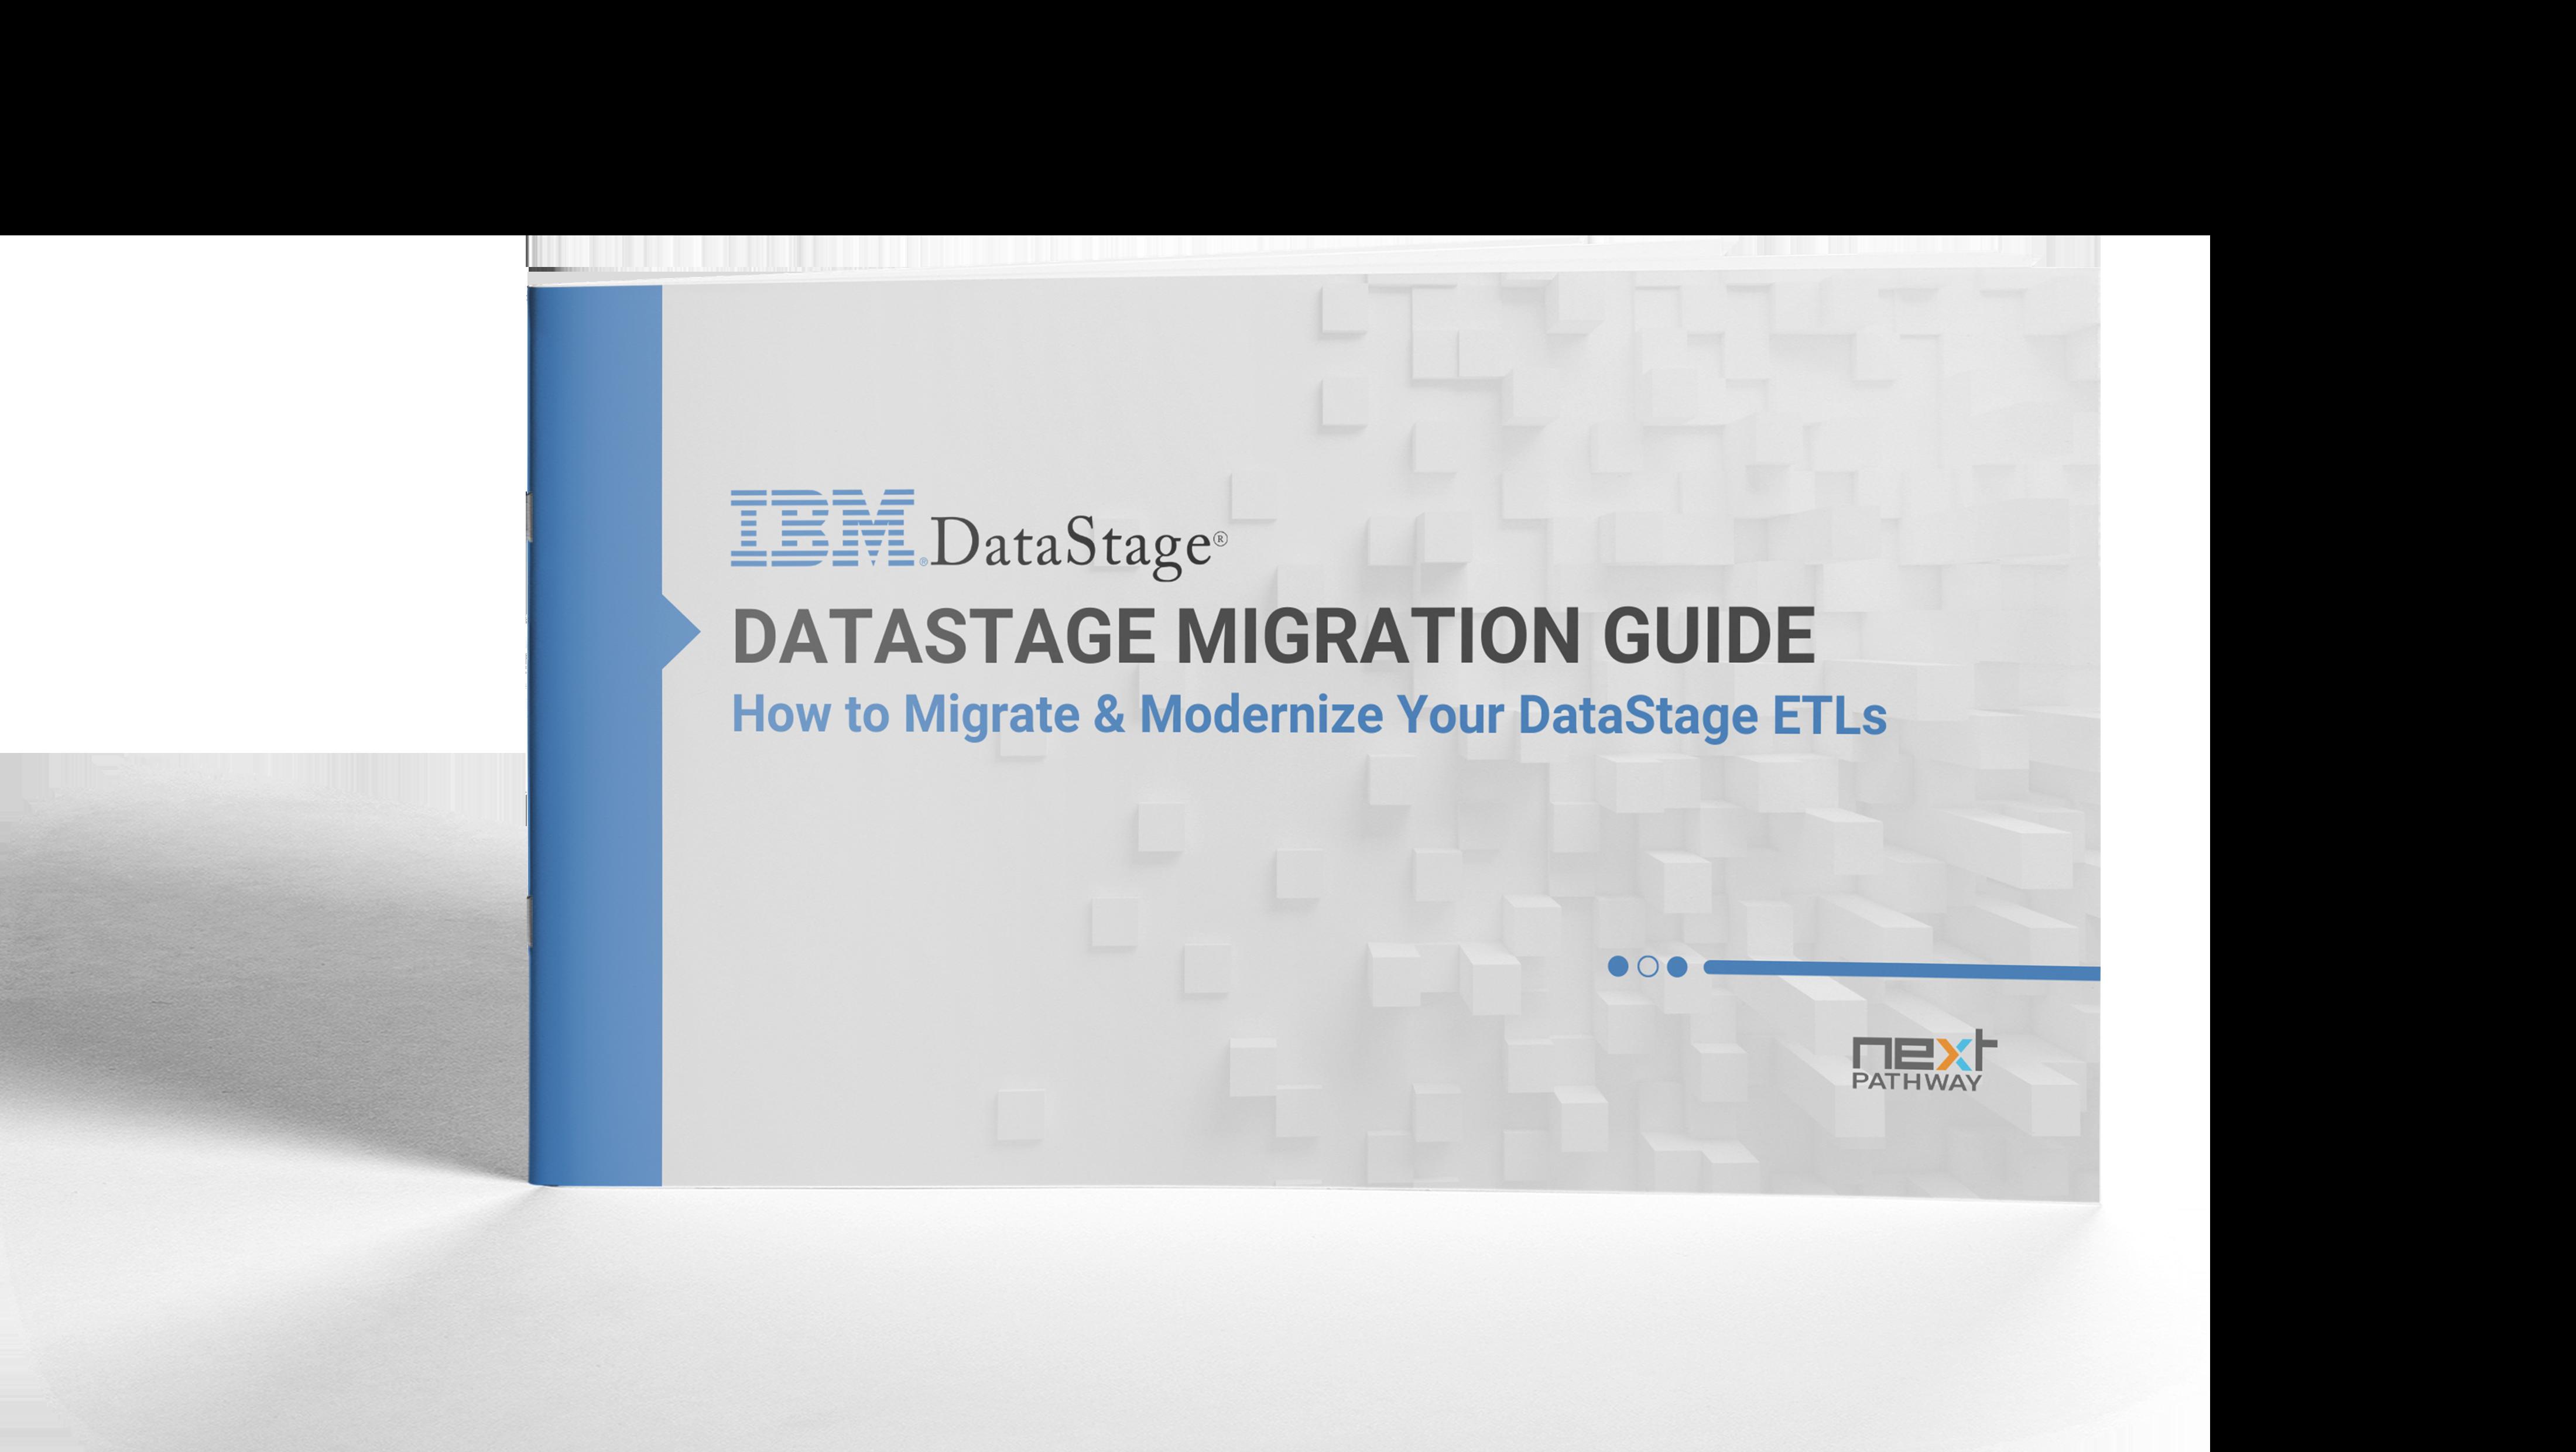 IBM DataStage Migration Guide